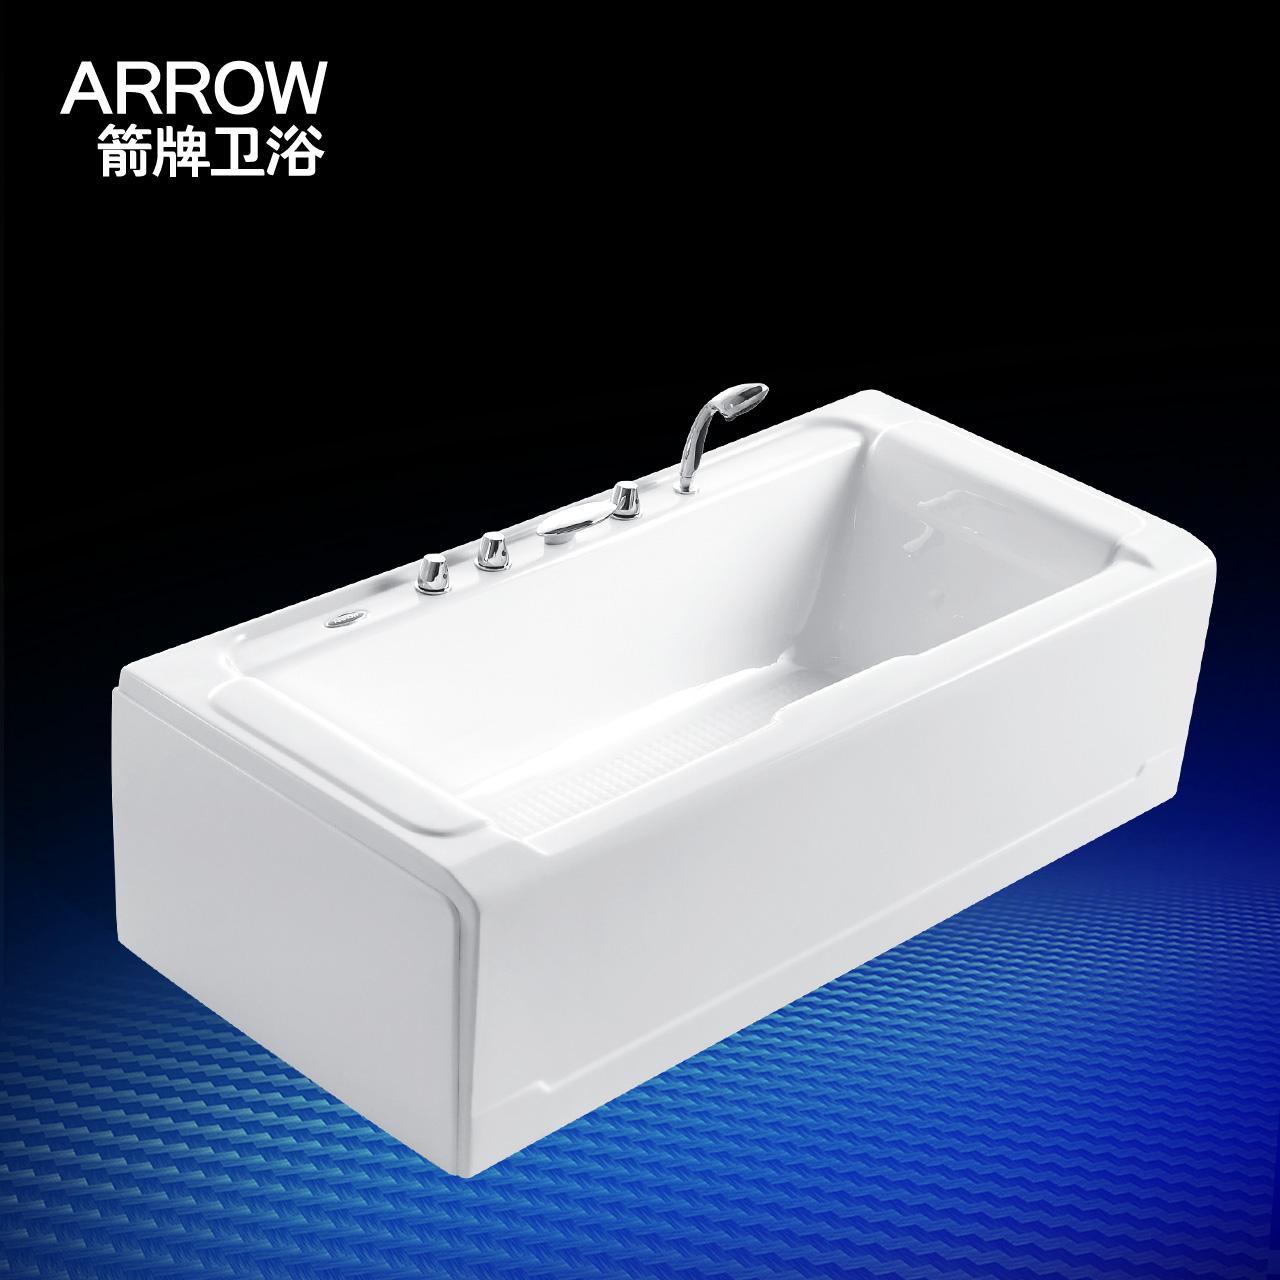 箭牌浴缸亚克力 独立式卫浴洁具浴室卫生间浴池A1528SQ/A1728SQ